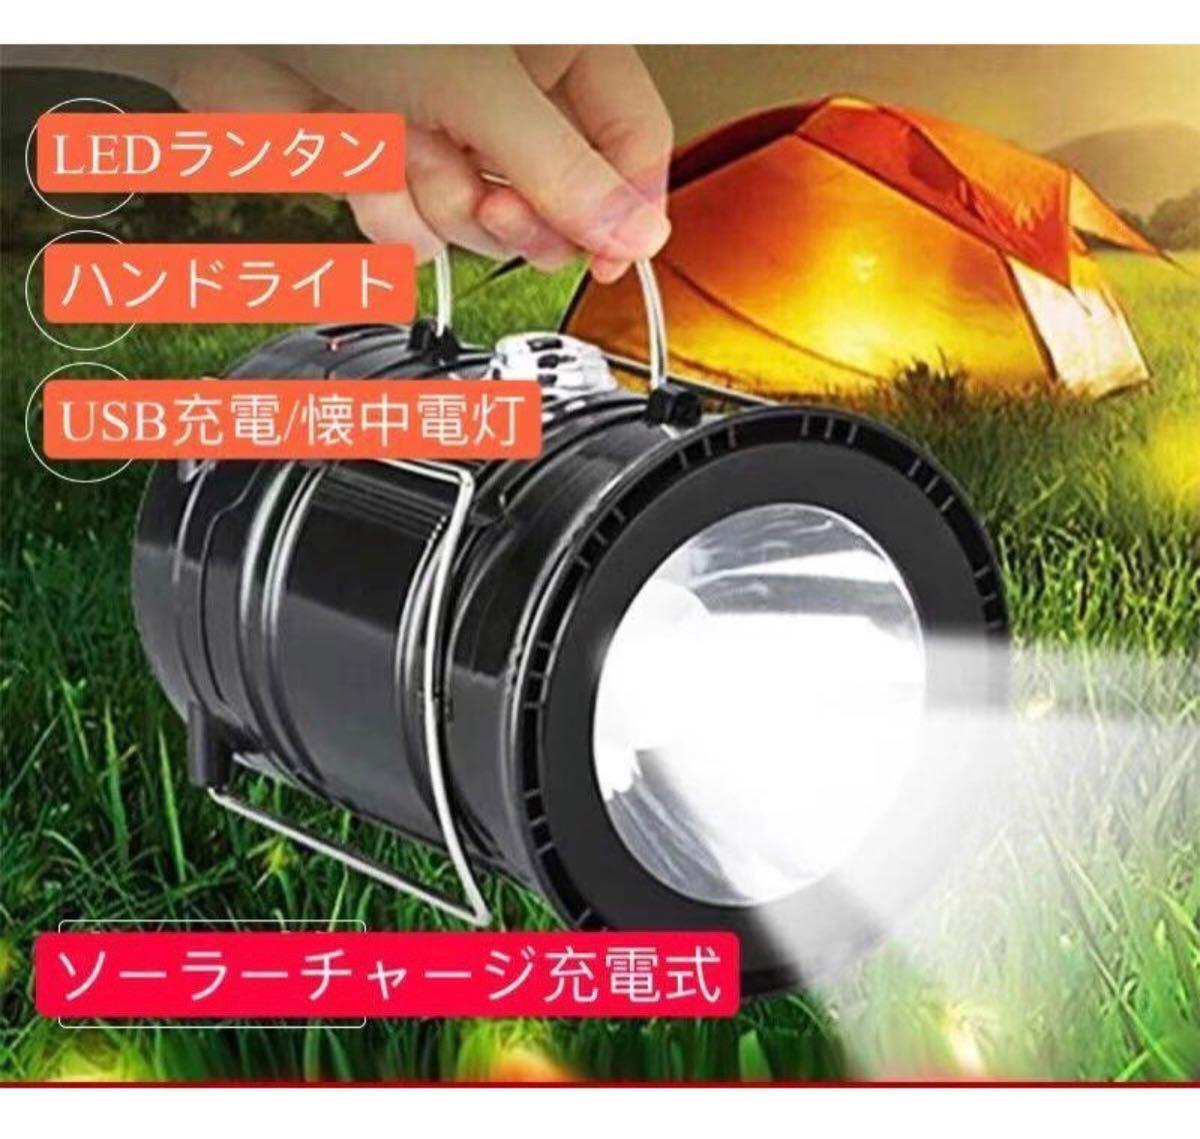 ランタン LED 災害用 キャンプ フラッシュライト ポータブル テントライト 懐中電灯 USB充電式 小型軽量 防水 アウトドア